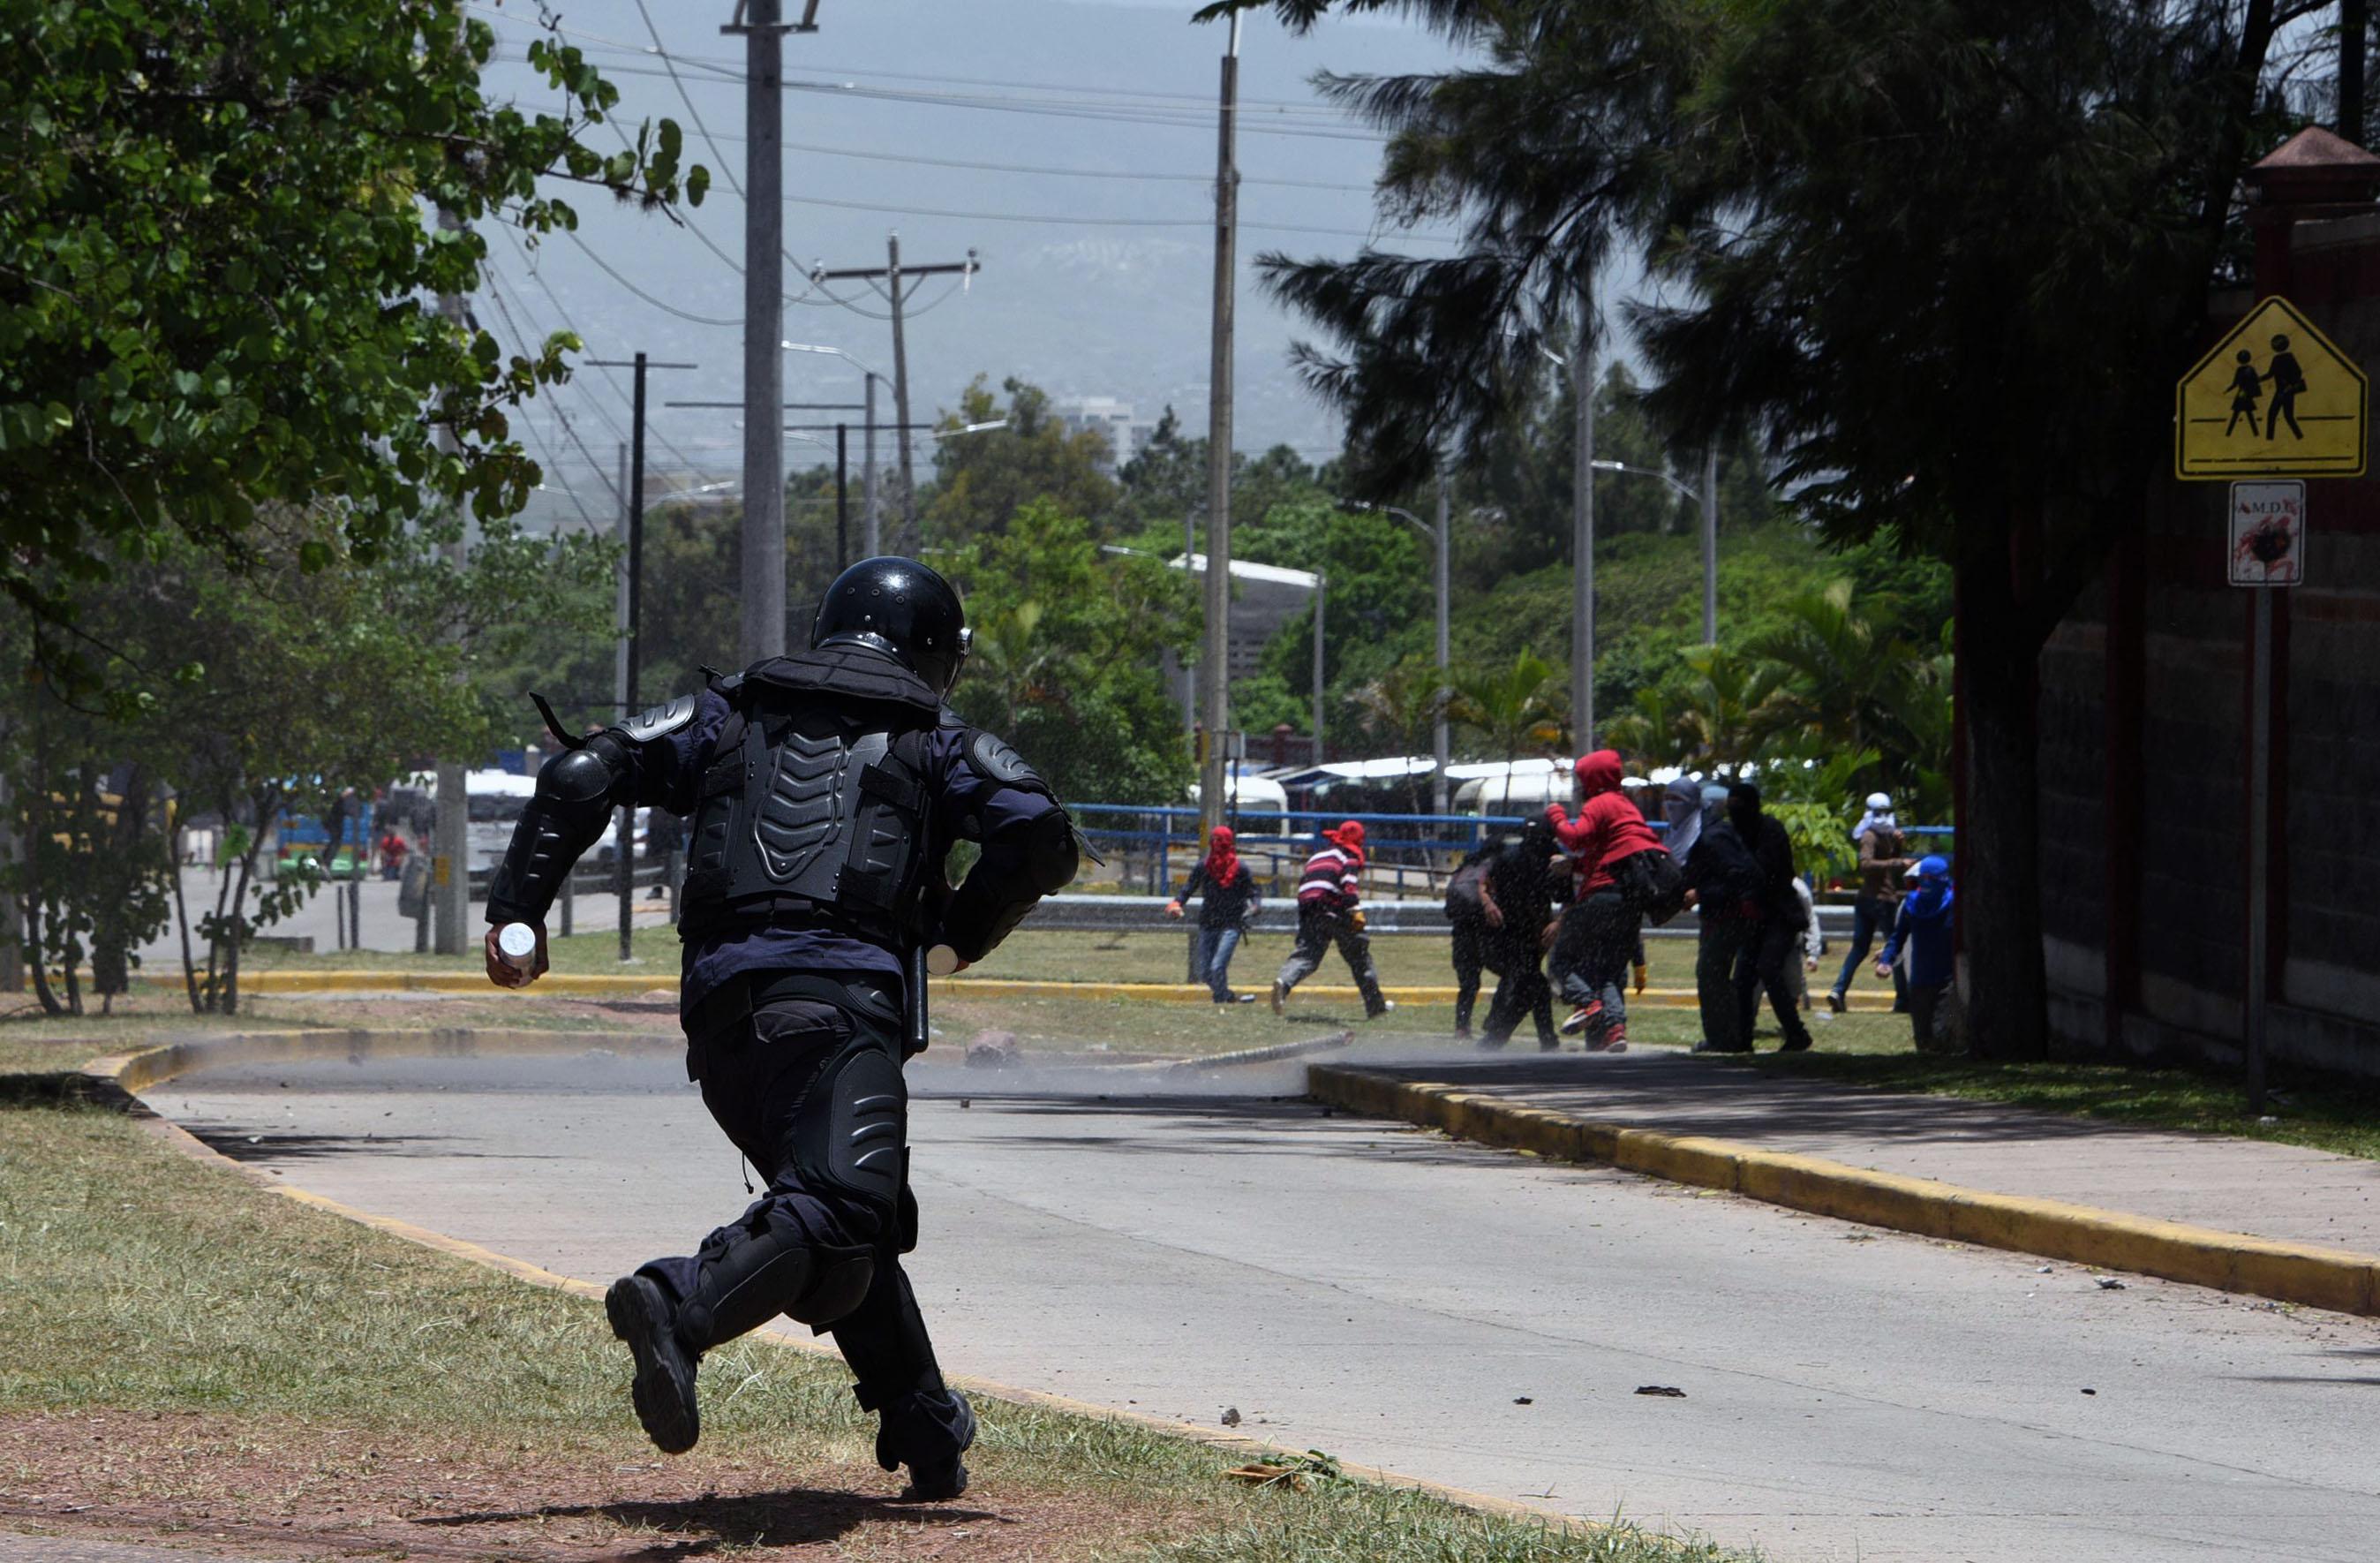 أحد المتظاهرين يطارد المحتجين